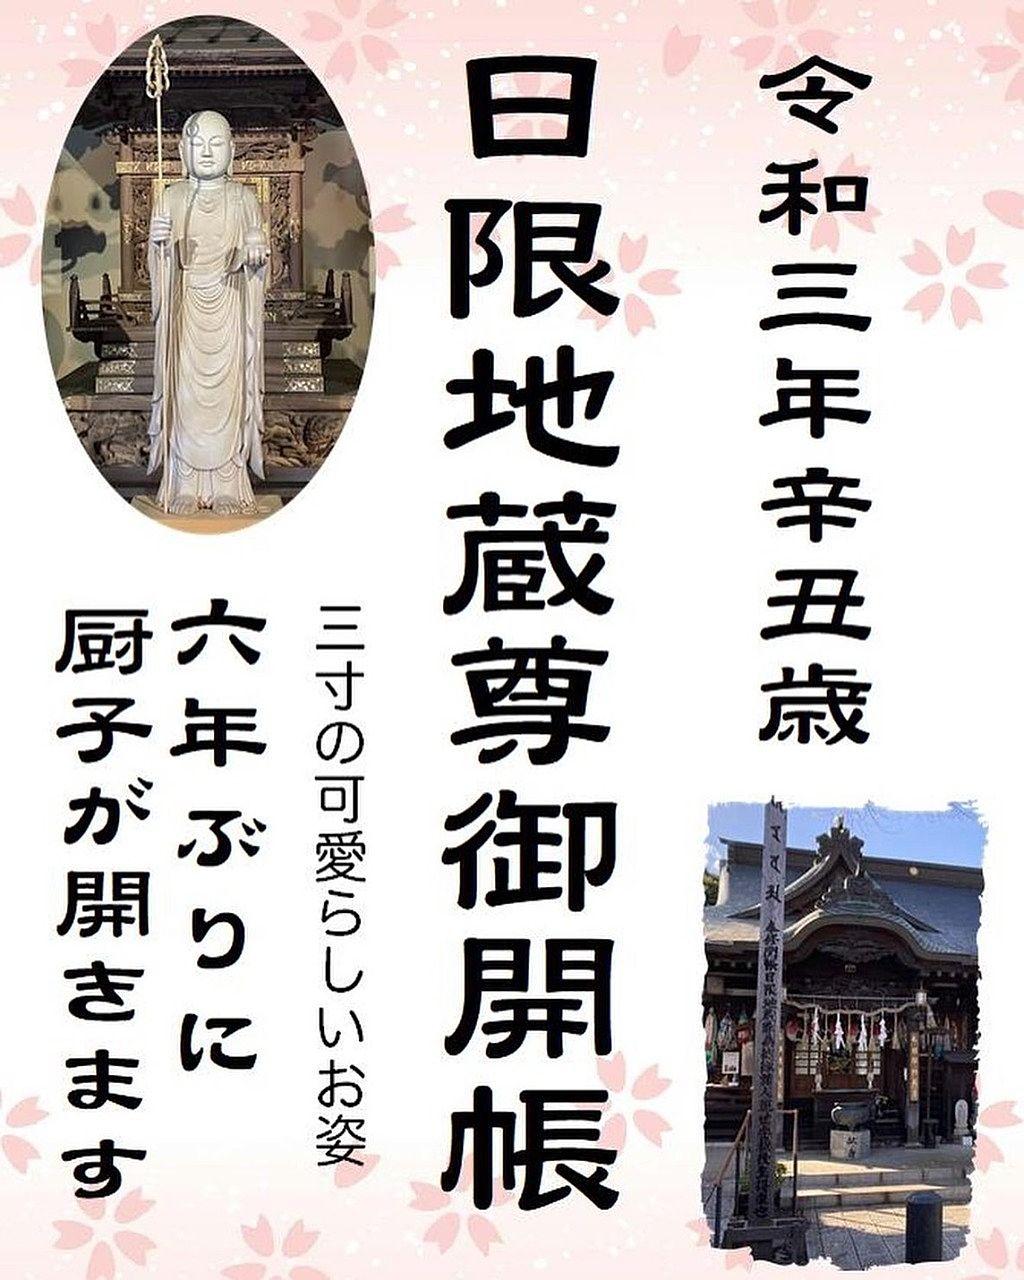 岡谷市平福寺で 日限地蔵尊御開帳